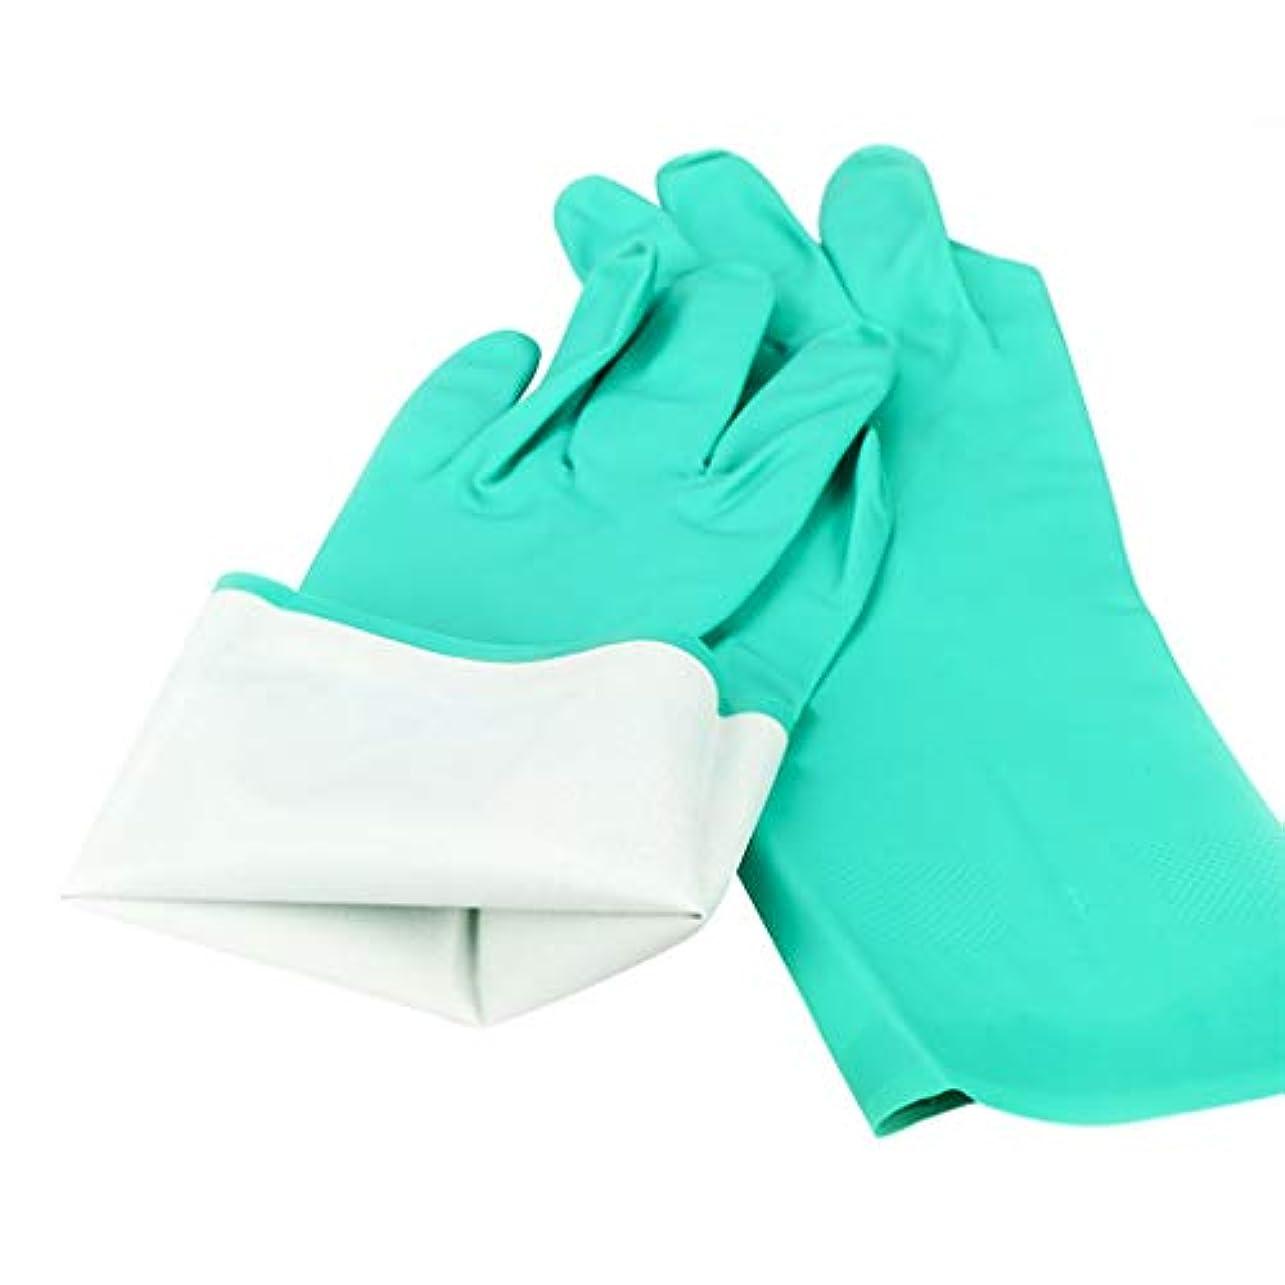 にやにや散歩金銭的な5ペア耐油性ニトリルゴム手袋 - 耐摩耗性耐油性滑り止め安全衛生丈夫な工業用保護 YANW (色 : 緑, サイズ さいず : L l)